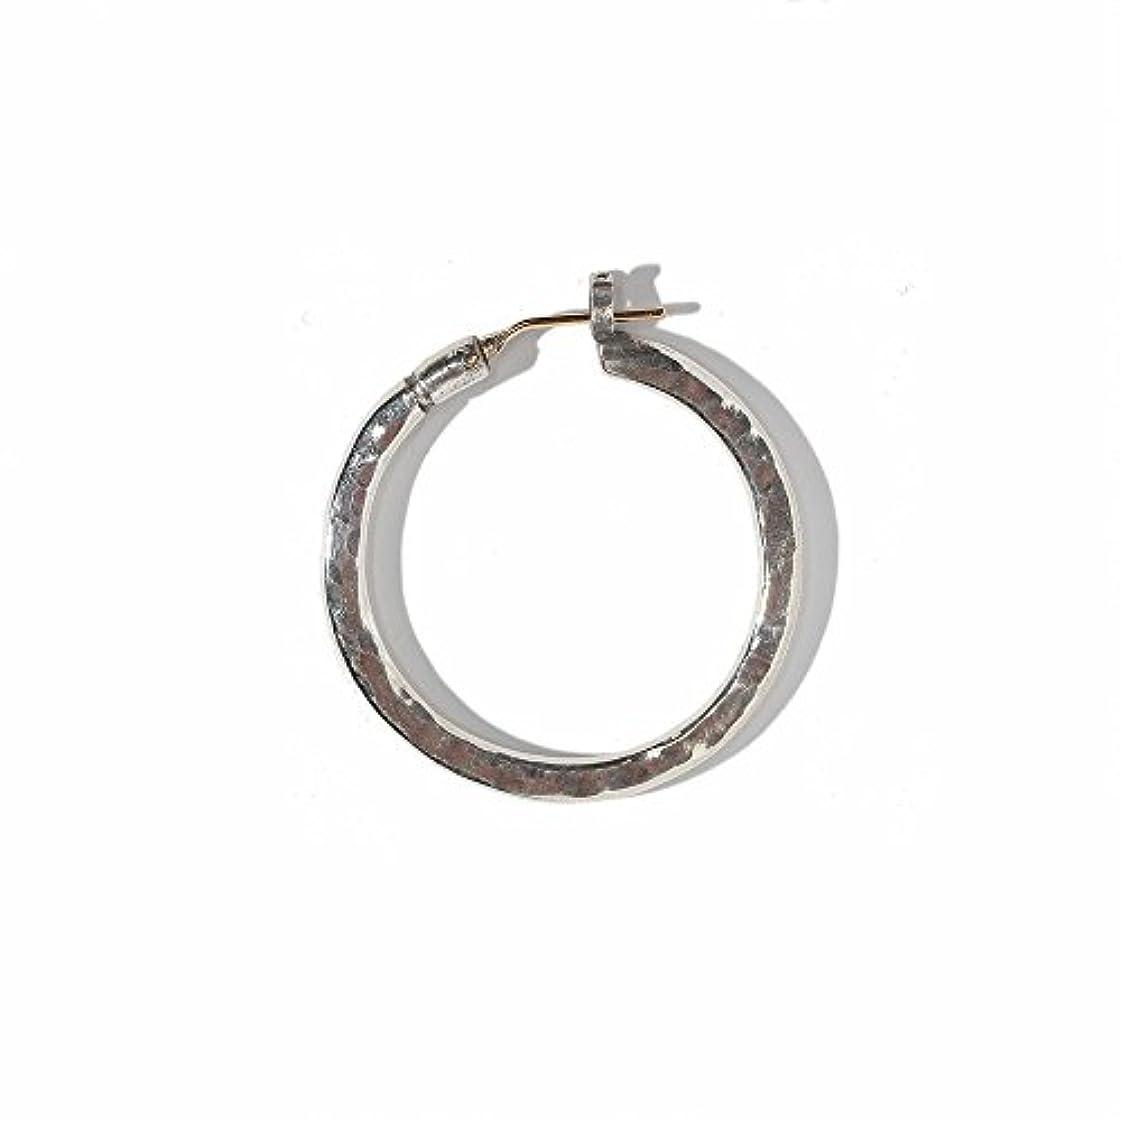 頑張るベルト魅力的VIVIFY ビビファイ フープ ピアス シルバーK18goldpost Hammered Hoop Pierce(XL) (ONE SIZE)